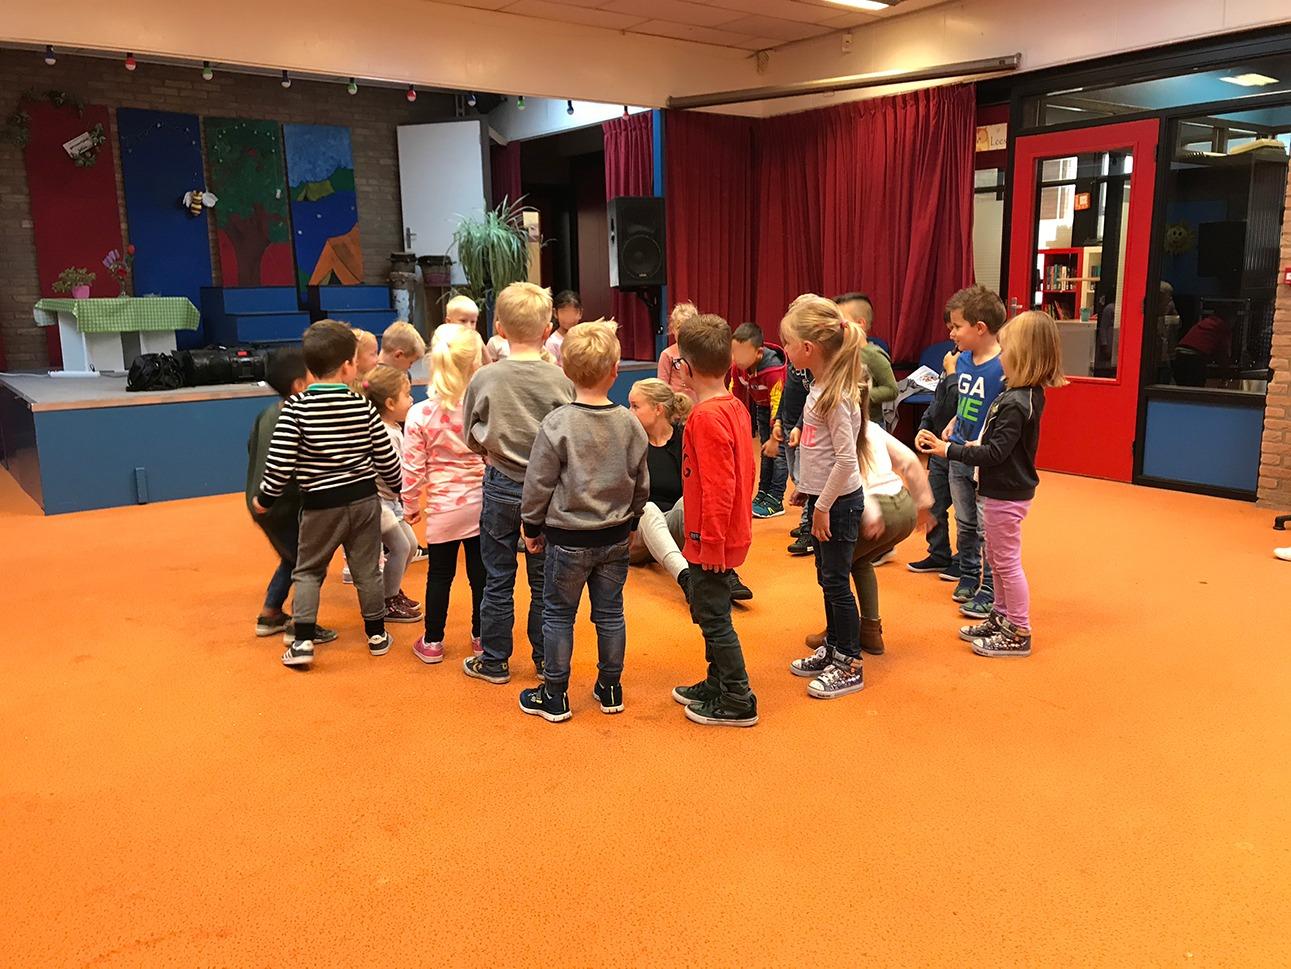 Bewegen op Muziek - Dansen in een kring - BasisschoolMuziek.nl